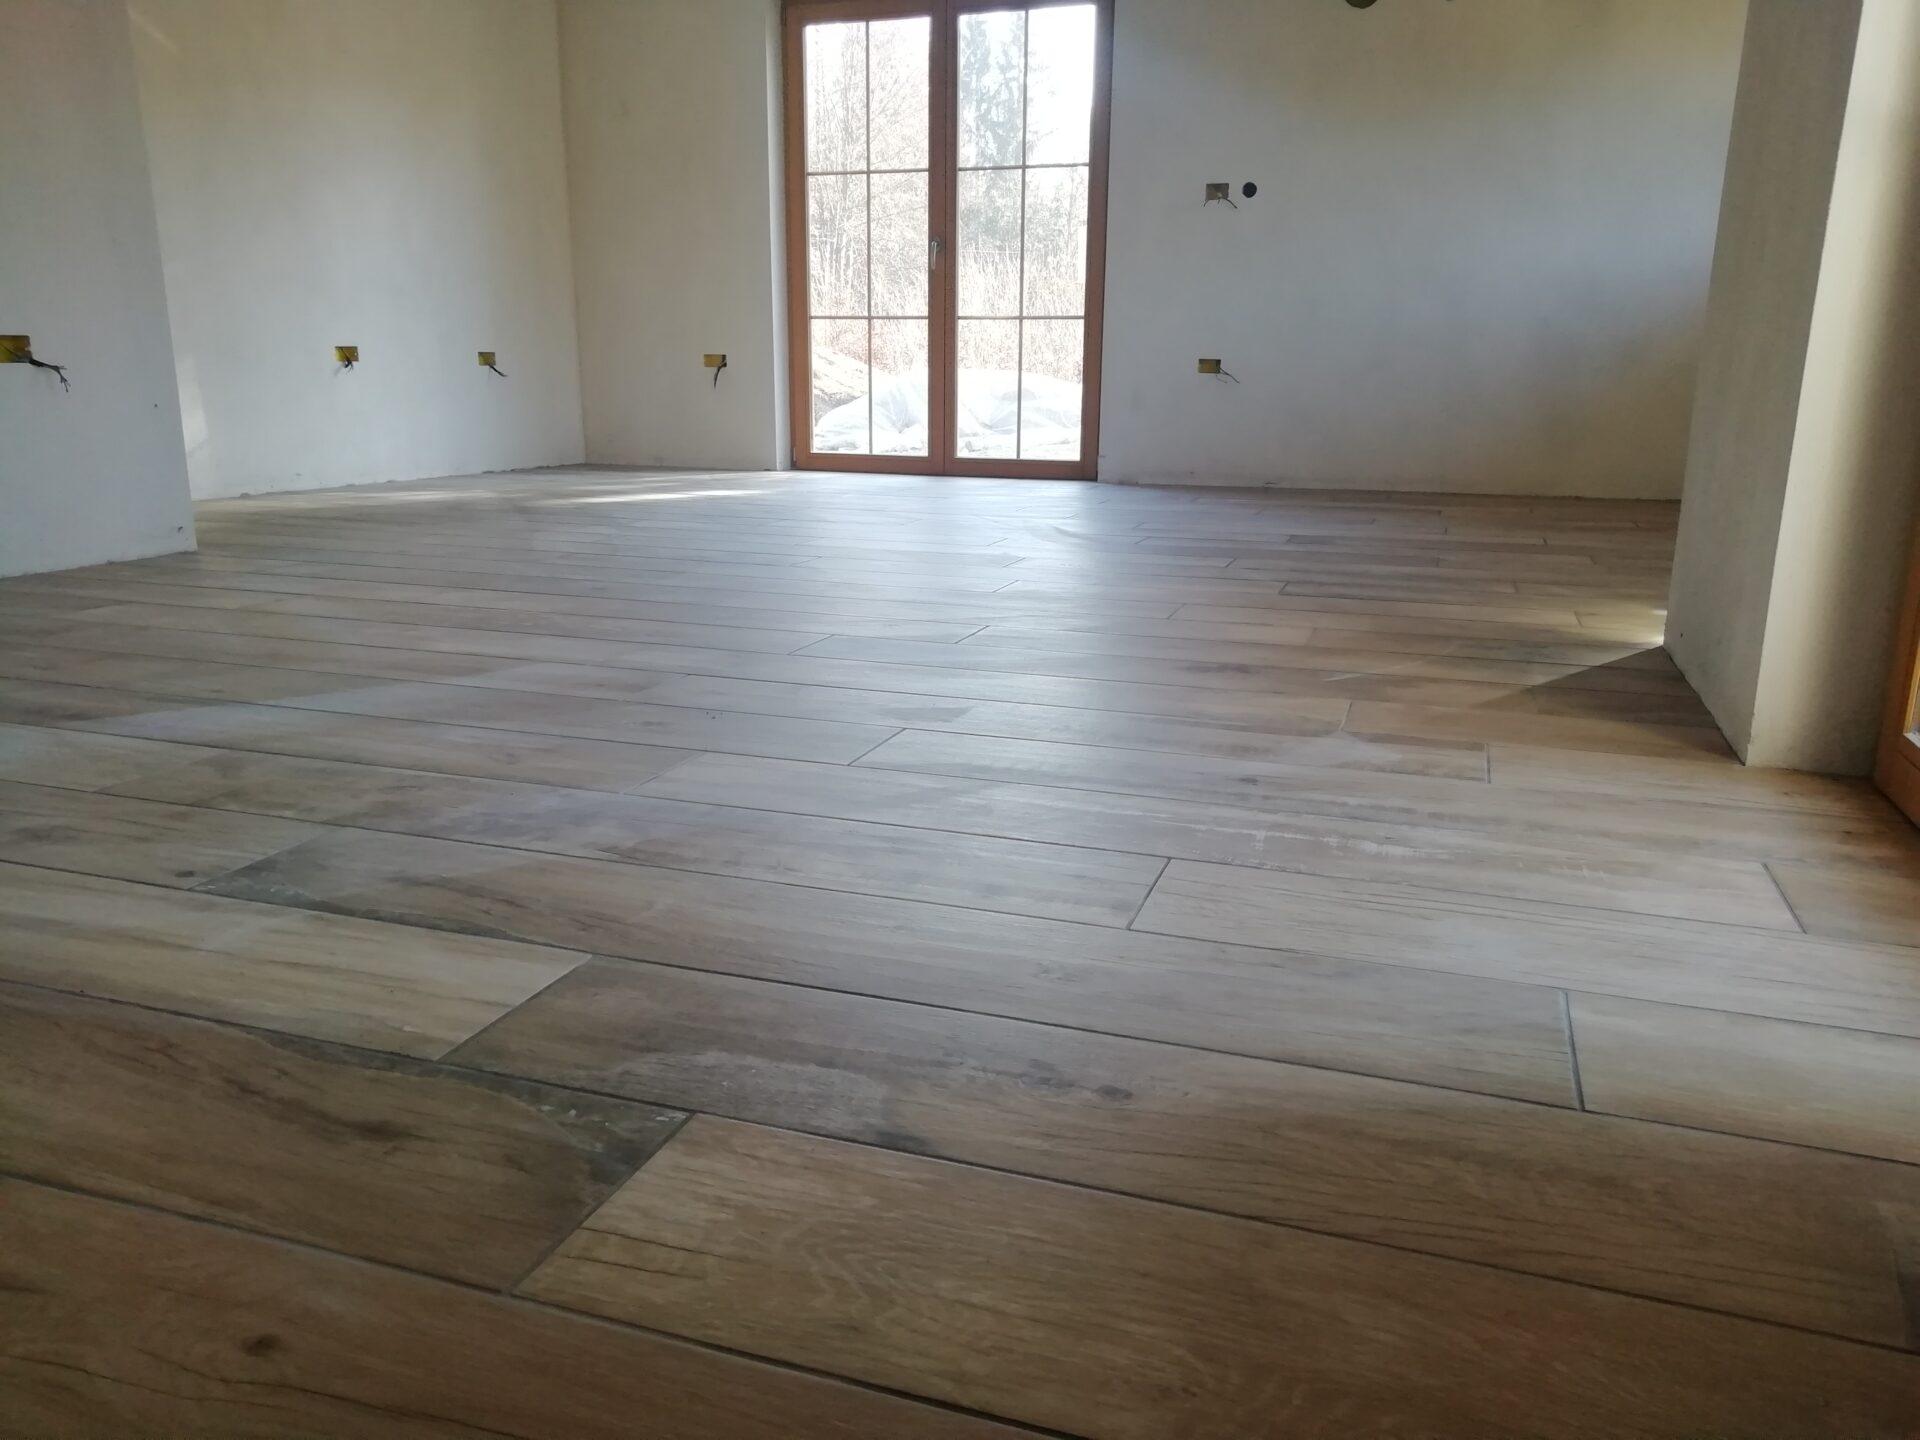 V dnevni sobi položena keramika v vzorcu lesenega poda